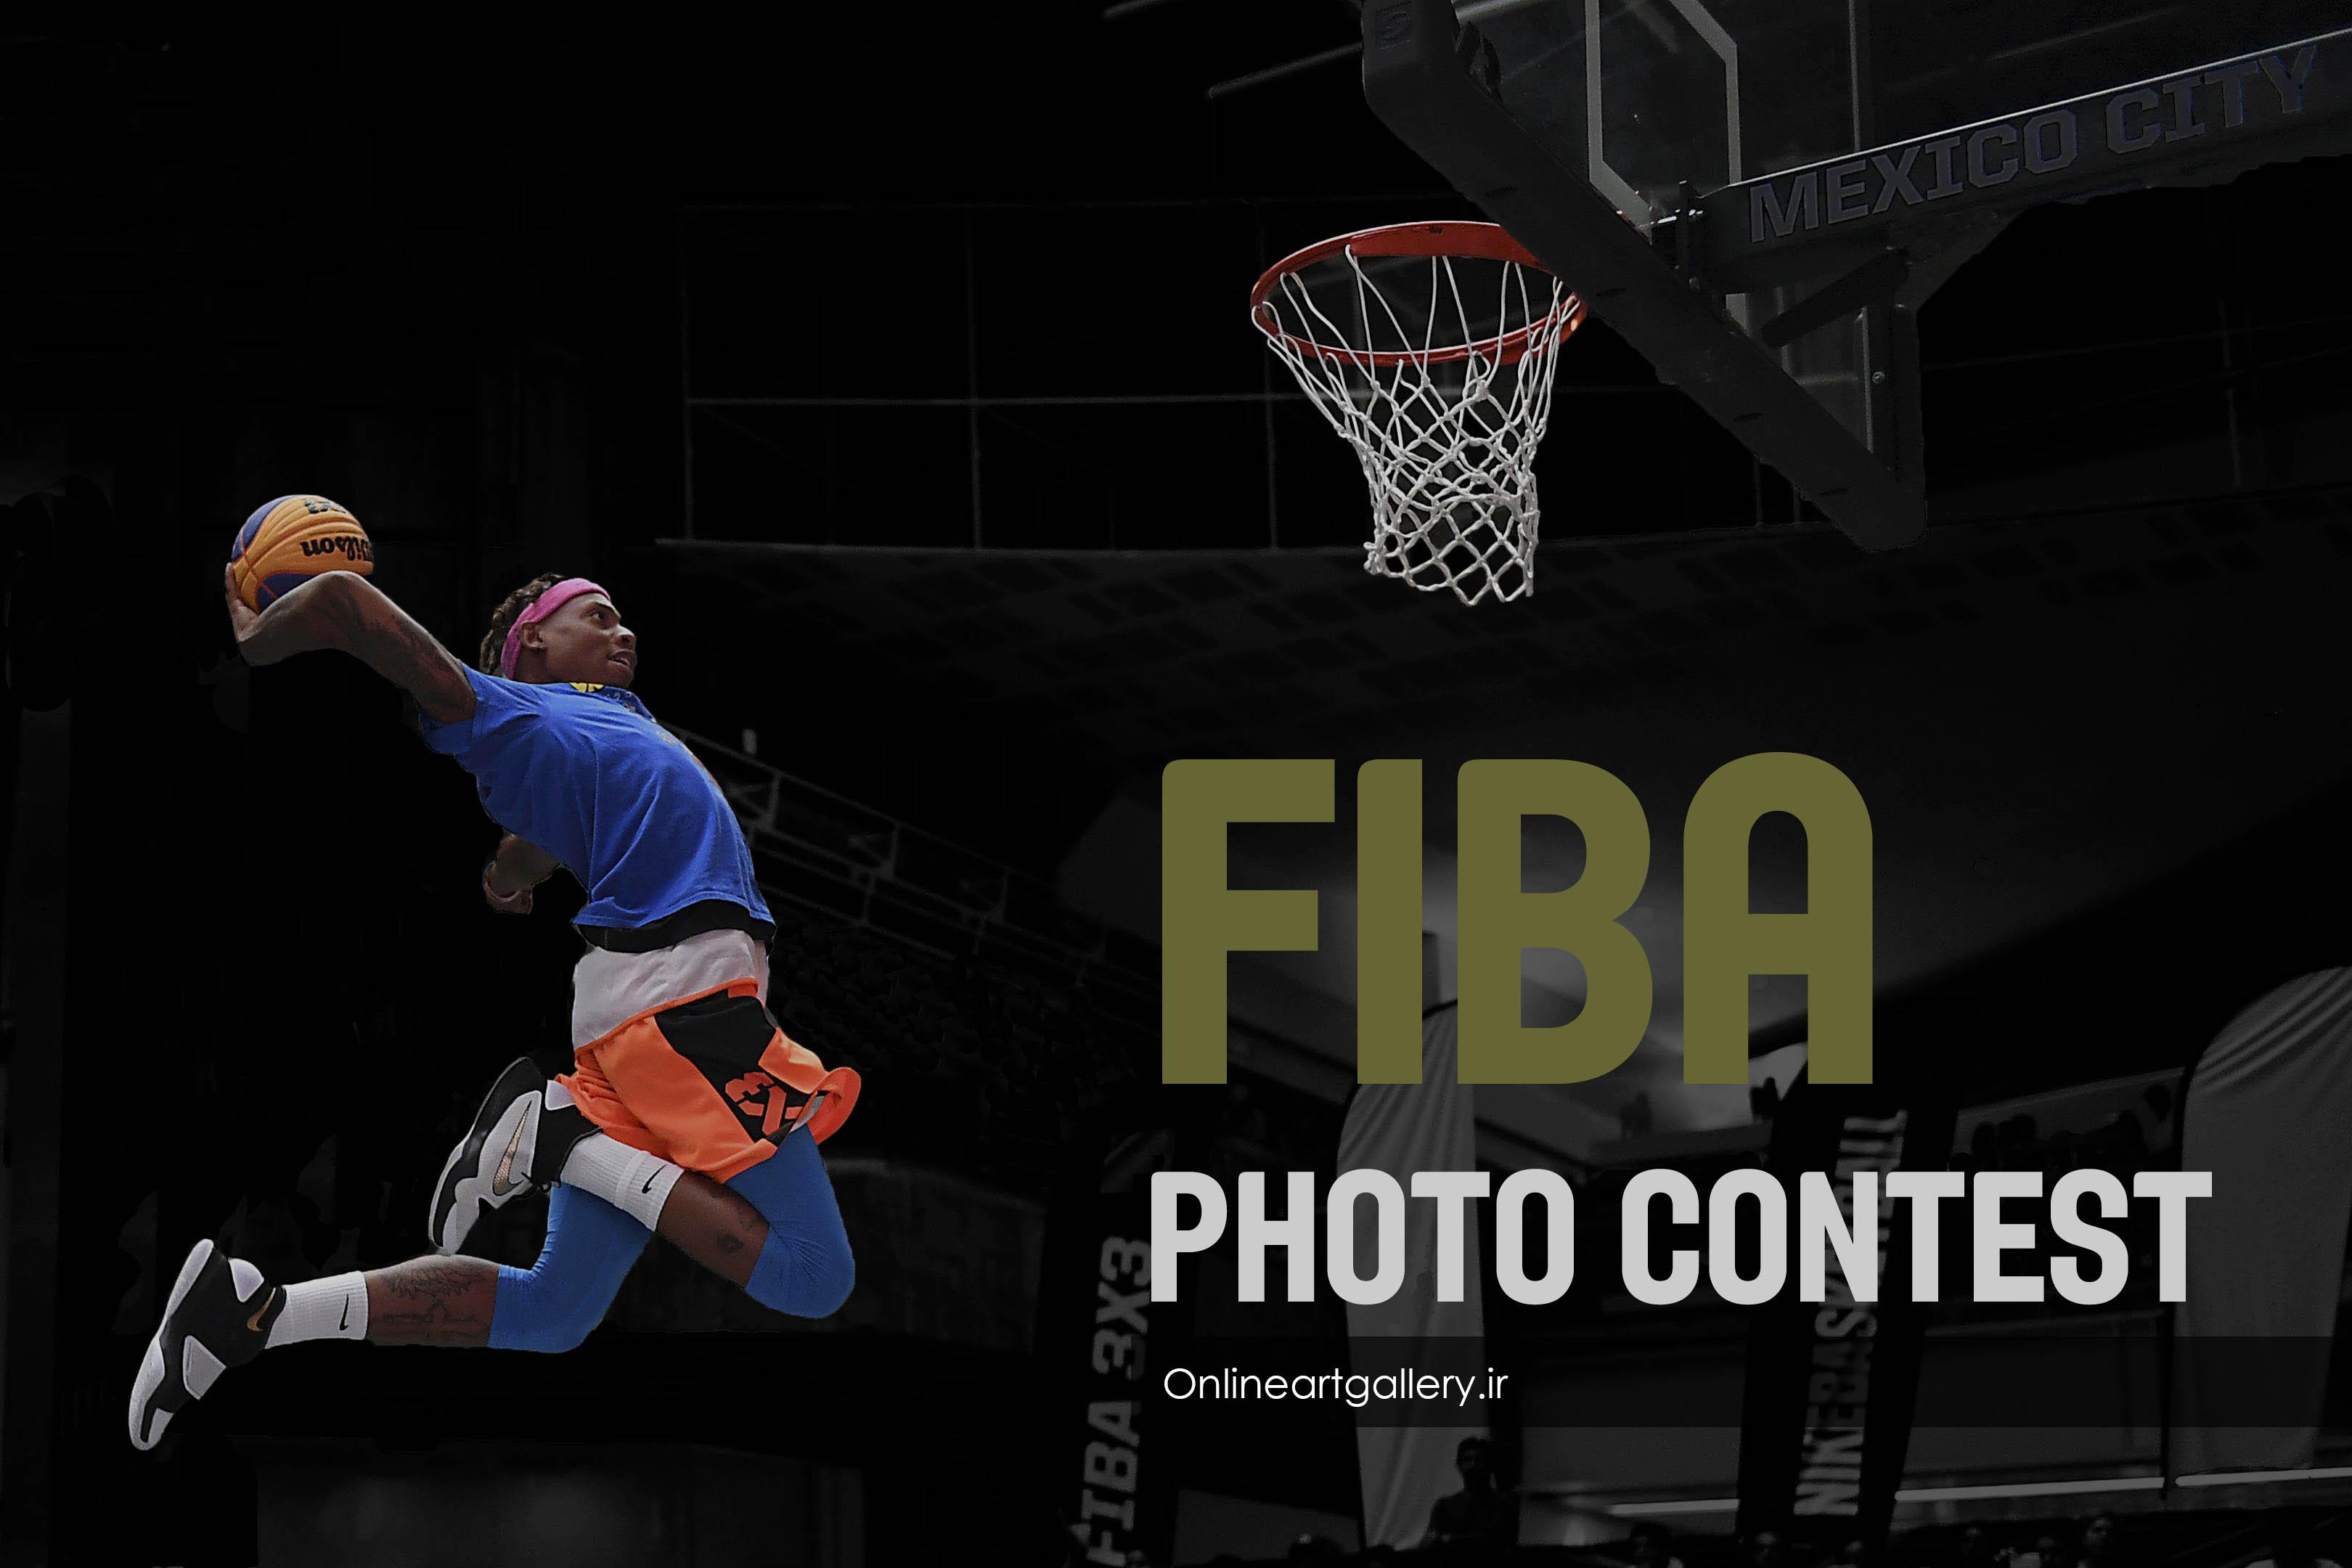 فراخوان مسابقه عکاسی FIBA 2019